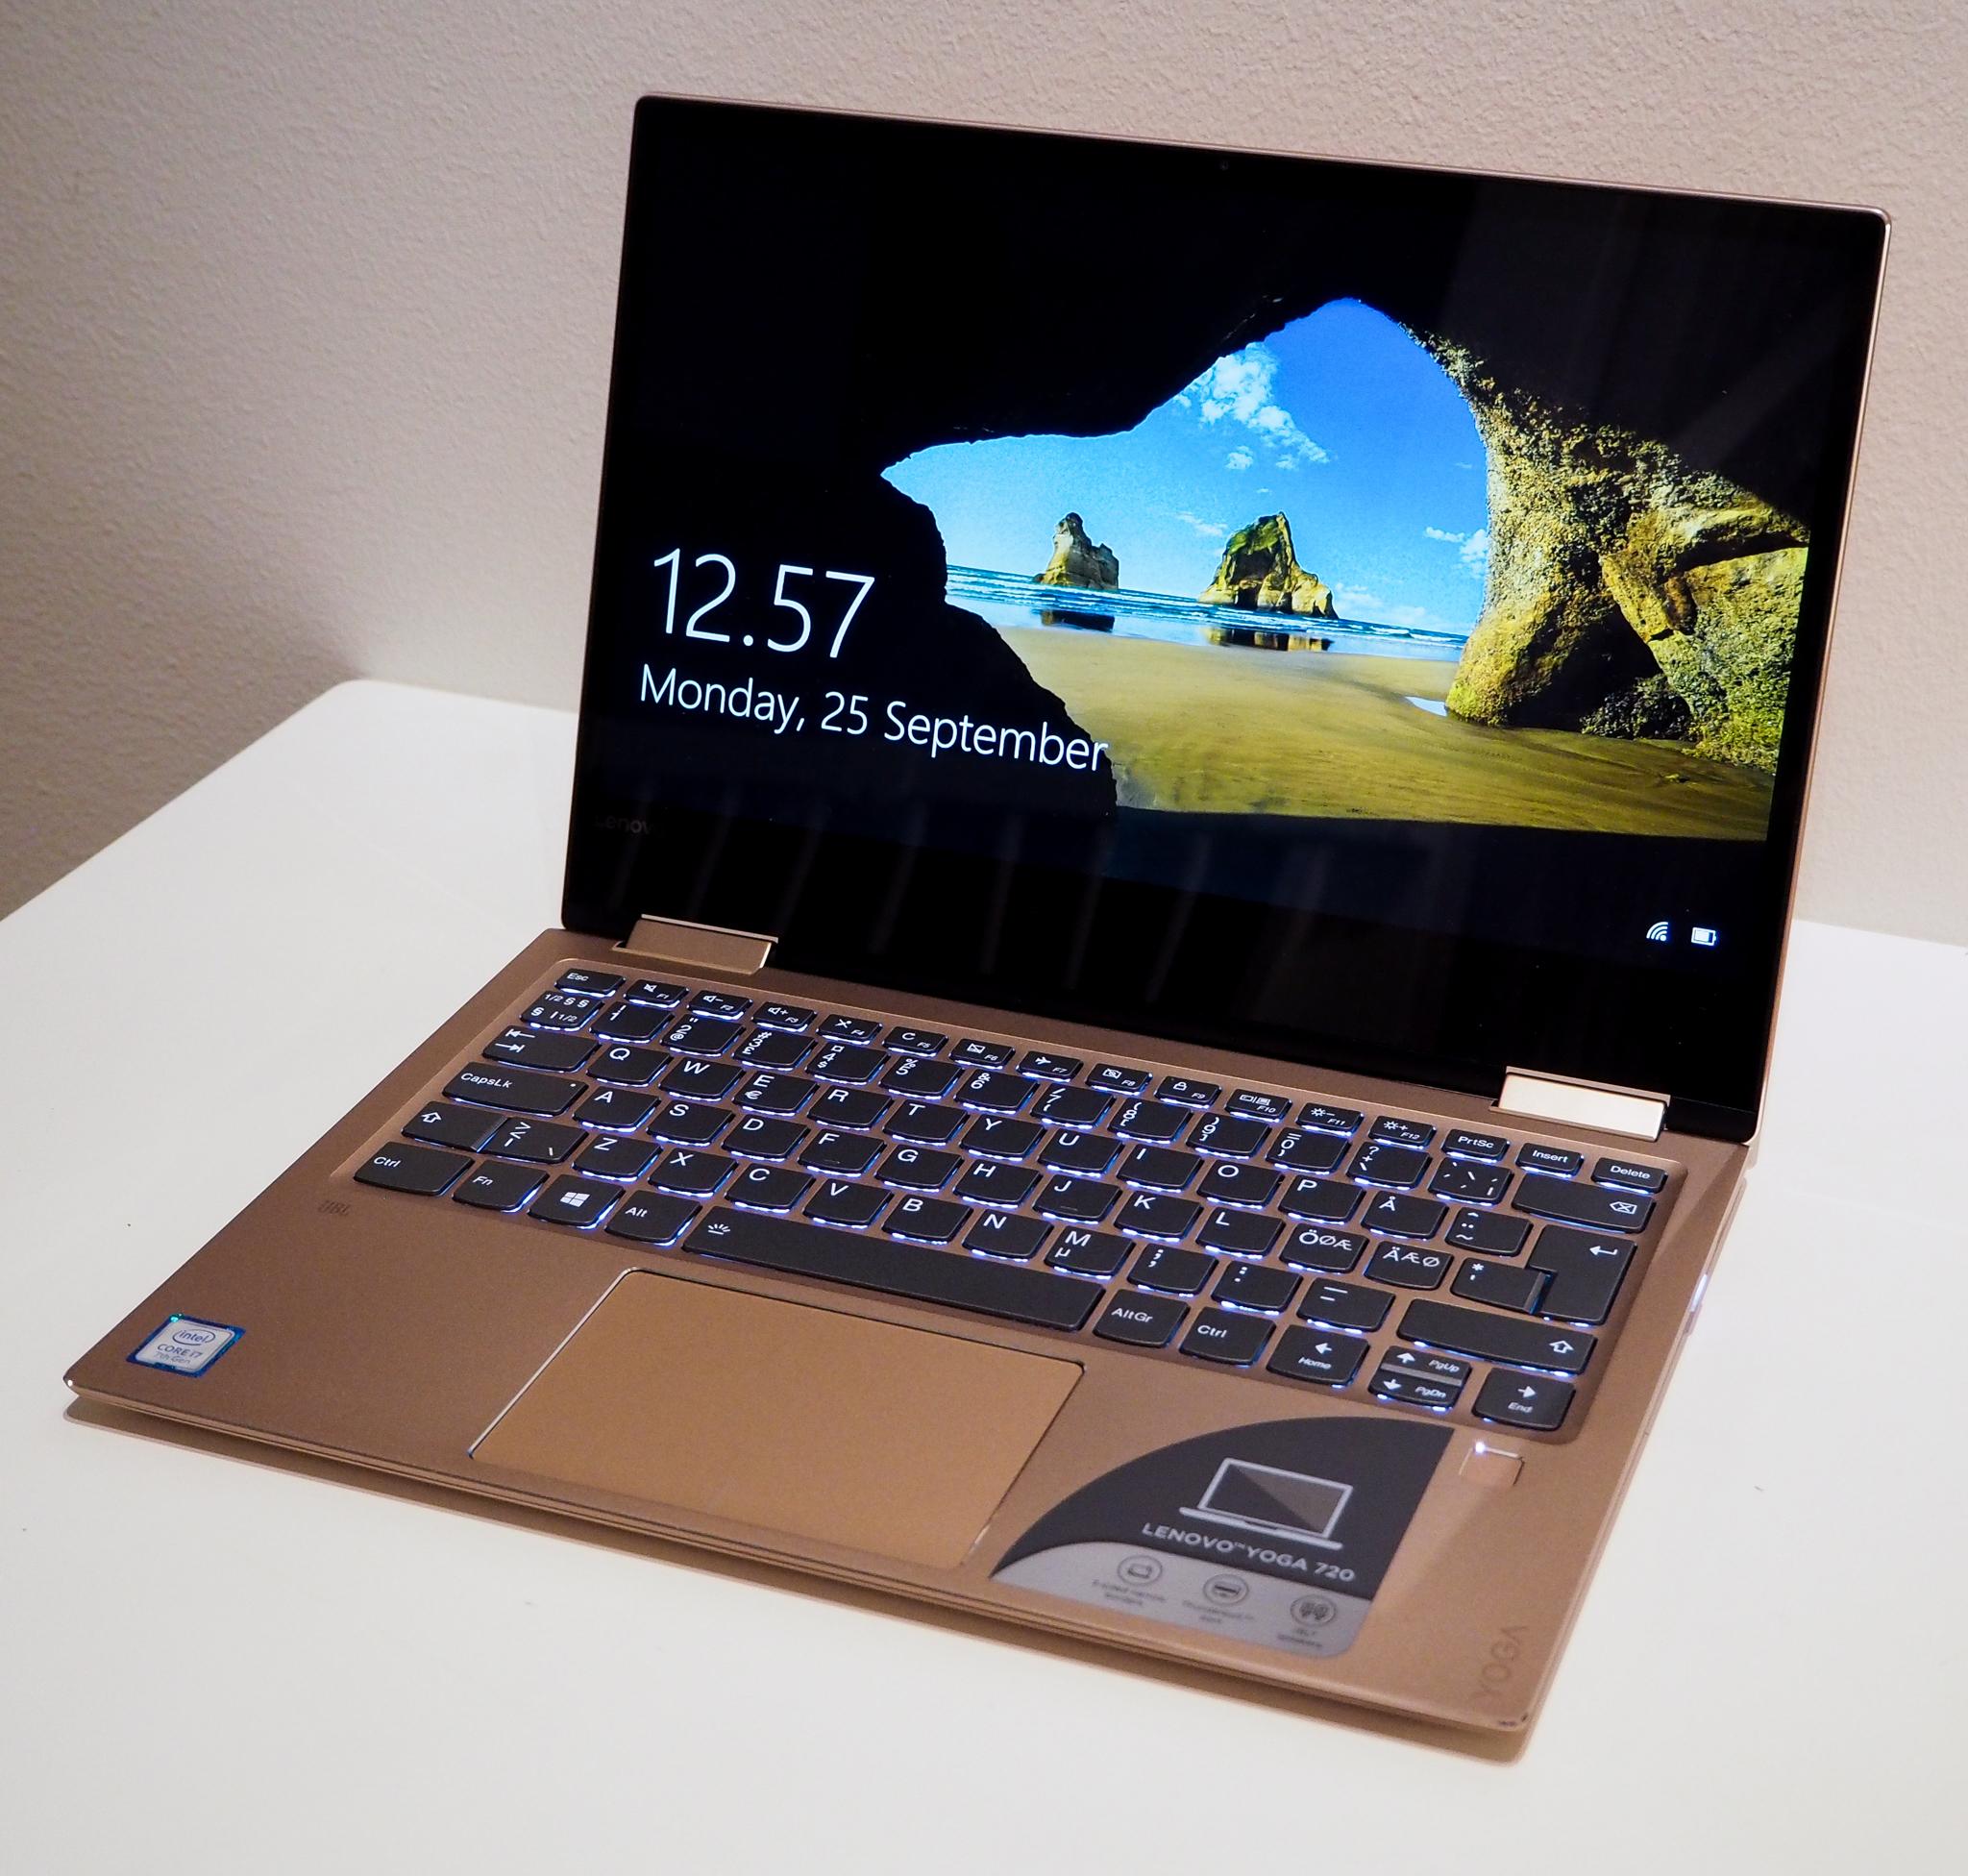 Lenovo Yoga 720 review (13 inch) - LenardGunda com